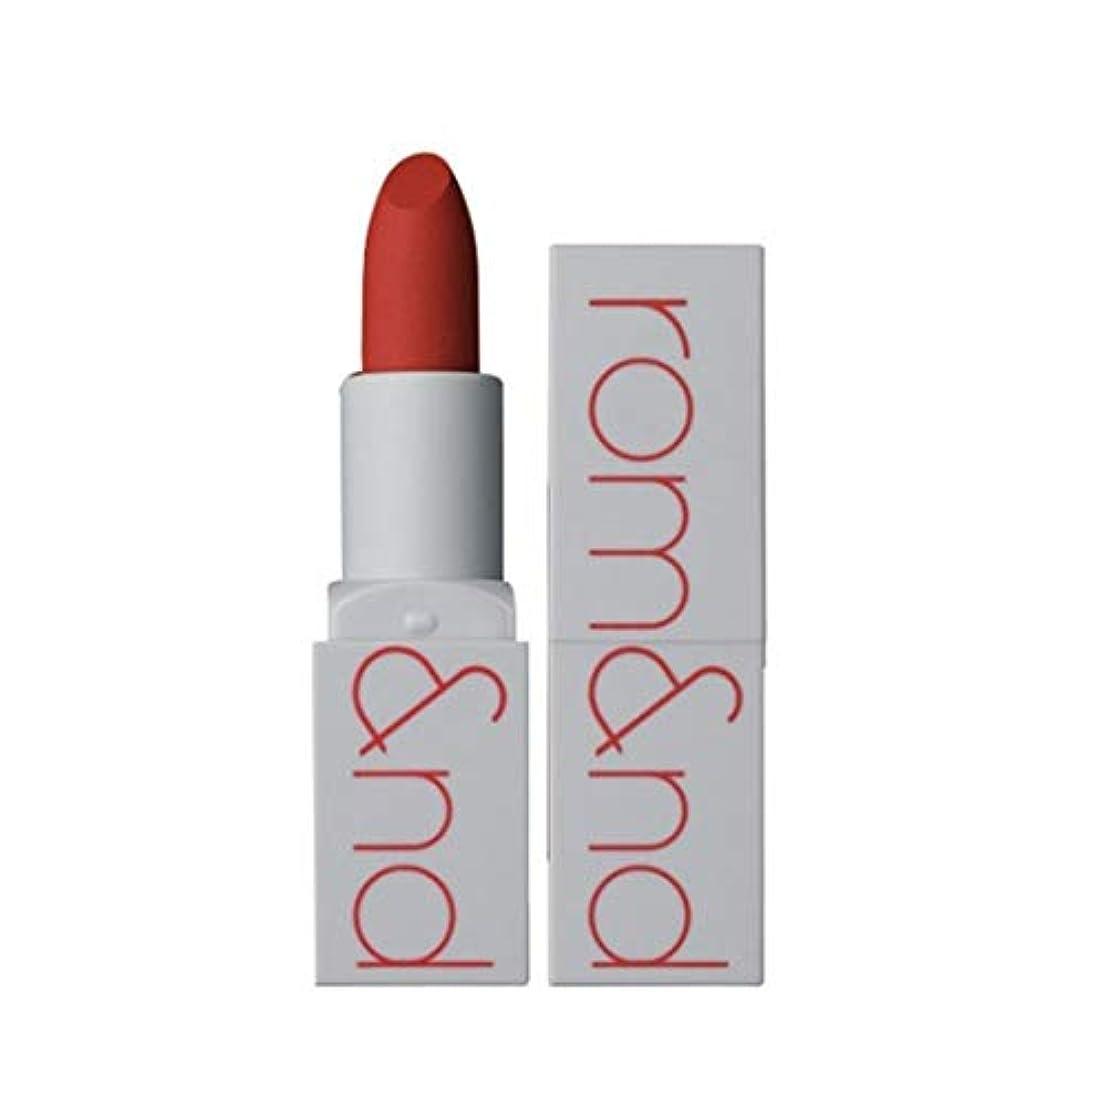 運命著者代表するローム?アンド?ゼログラムマットリップスティック3.5g 4色、Rom&nd Zero Gram Matte Lipstick 3.5g 4 Colors [並行輸入品] (All That Jazz)